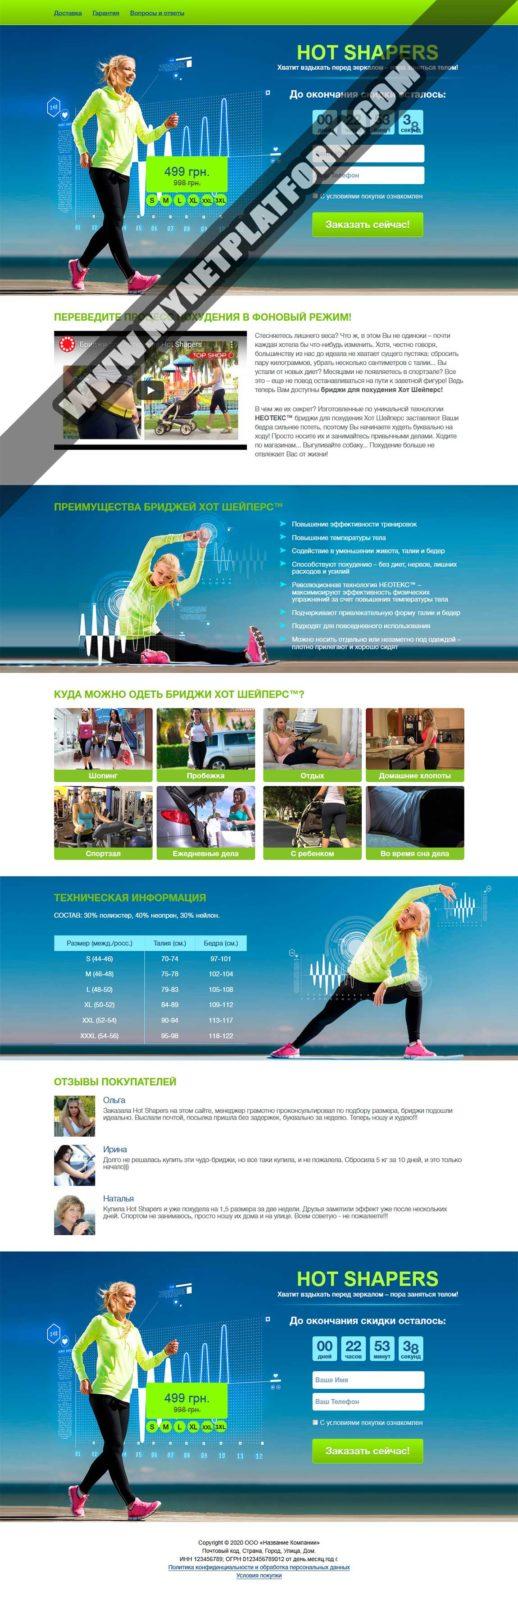 Скриншот Готового лендинга Лендинг Hot Shapers - бриджи для похудения 002